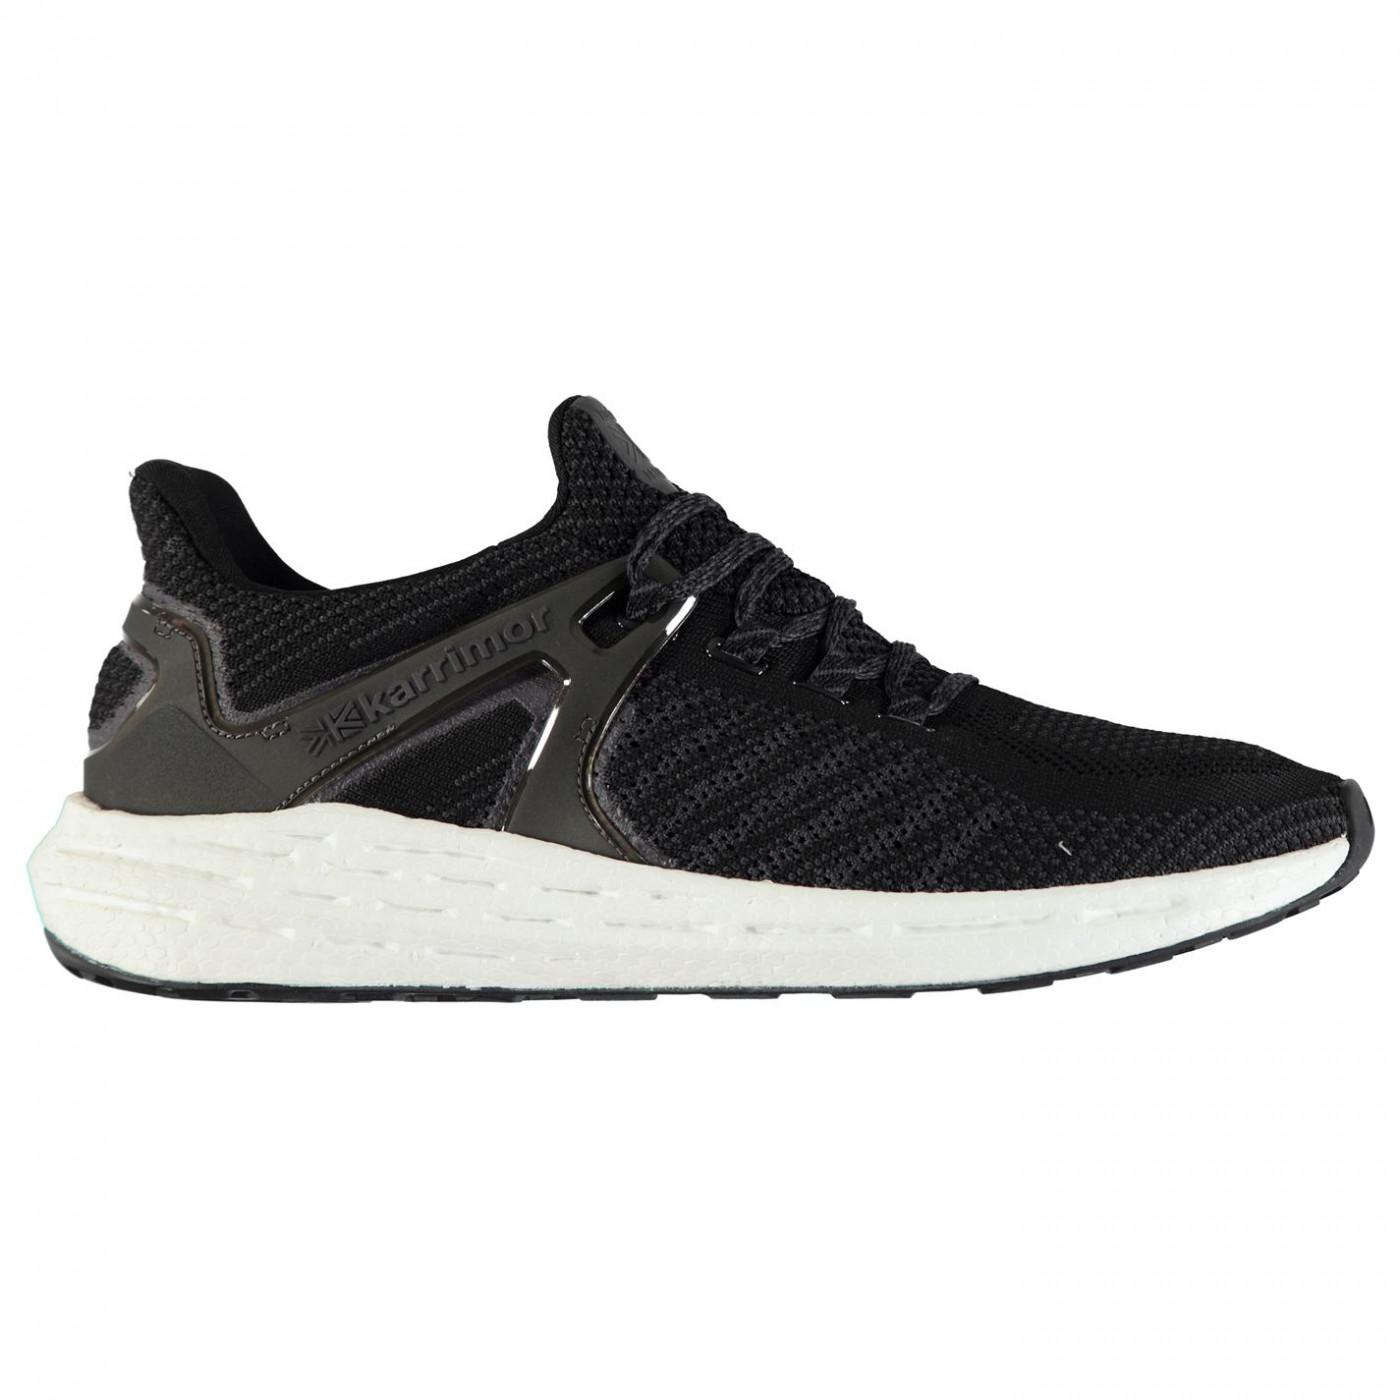 Karrimor Resolve Mens Running Shoes